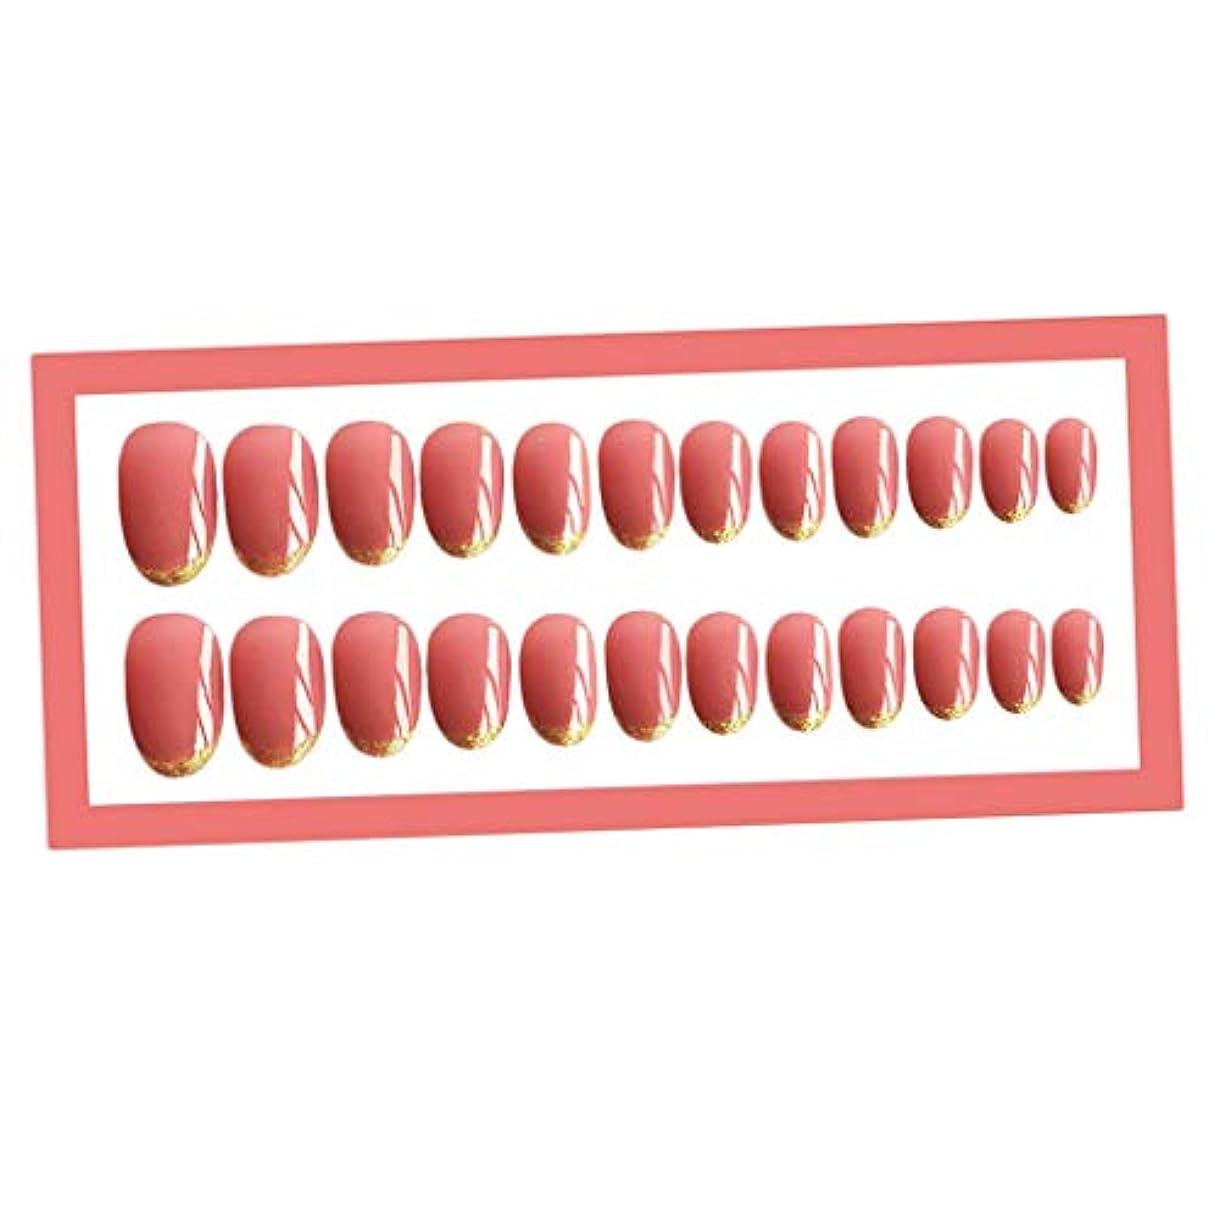 高層ビル肉インポートTachiuwa ネイルアート ヒント ネイルチップ ネイルヒント フルカバー ネイルデザイン ネイルデコレーション - ピンク